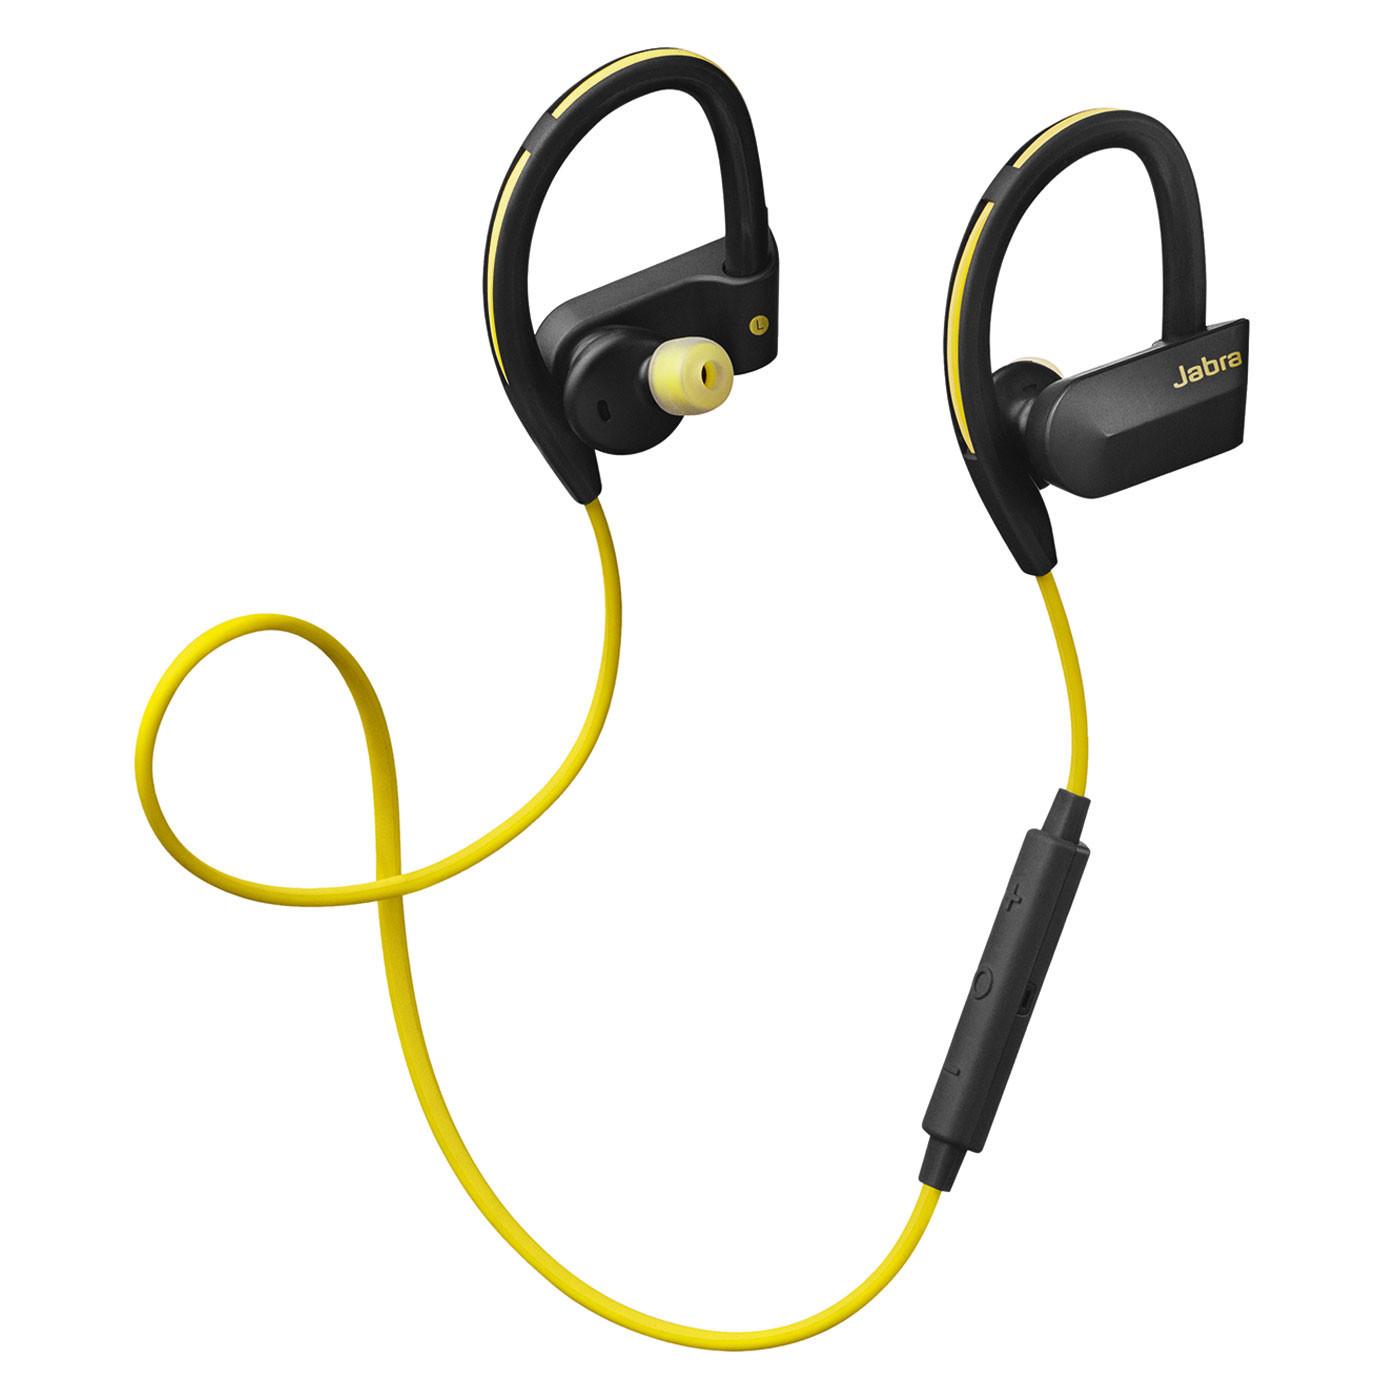 Jabra Sport Pace Wireless Headphones: Wireless Earbuds - Pearlblue Tech